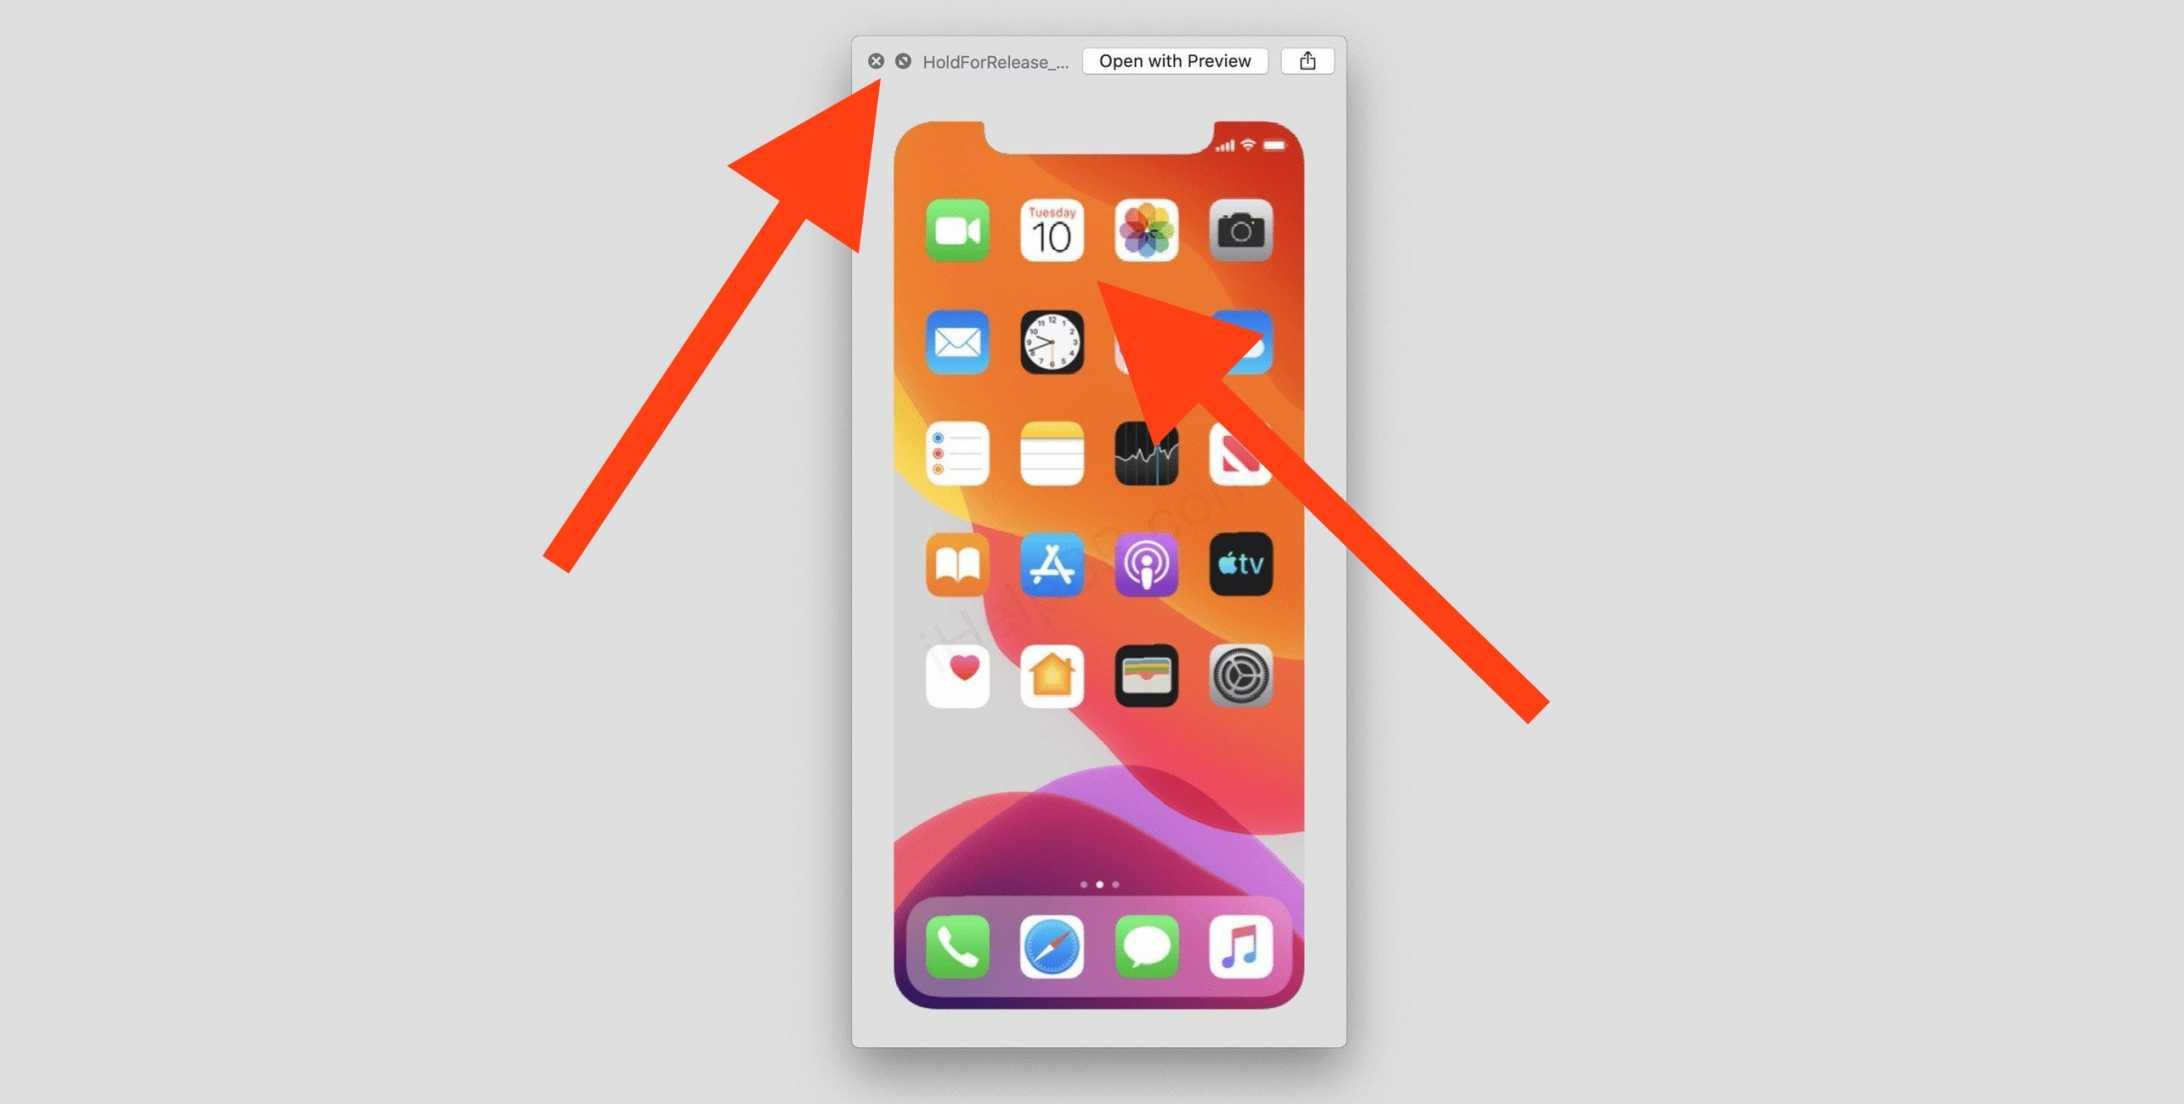 Дата презентации Apple была зашифрована в в iOS 13